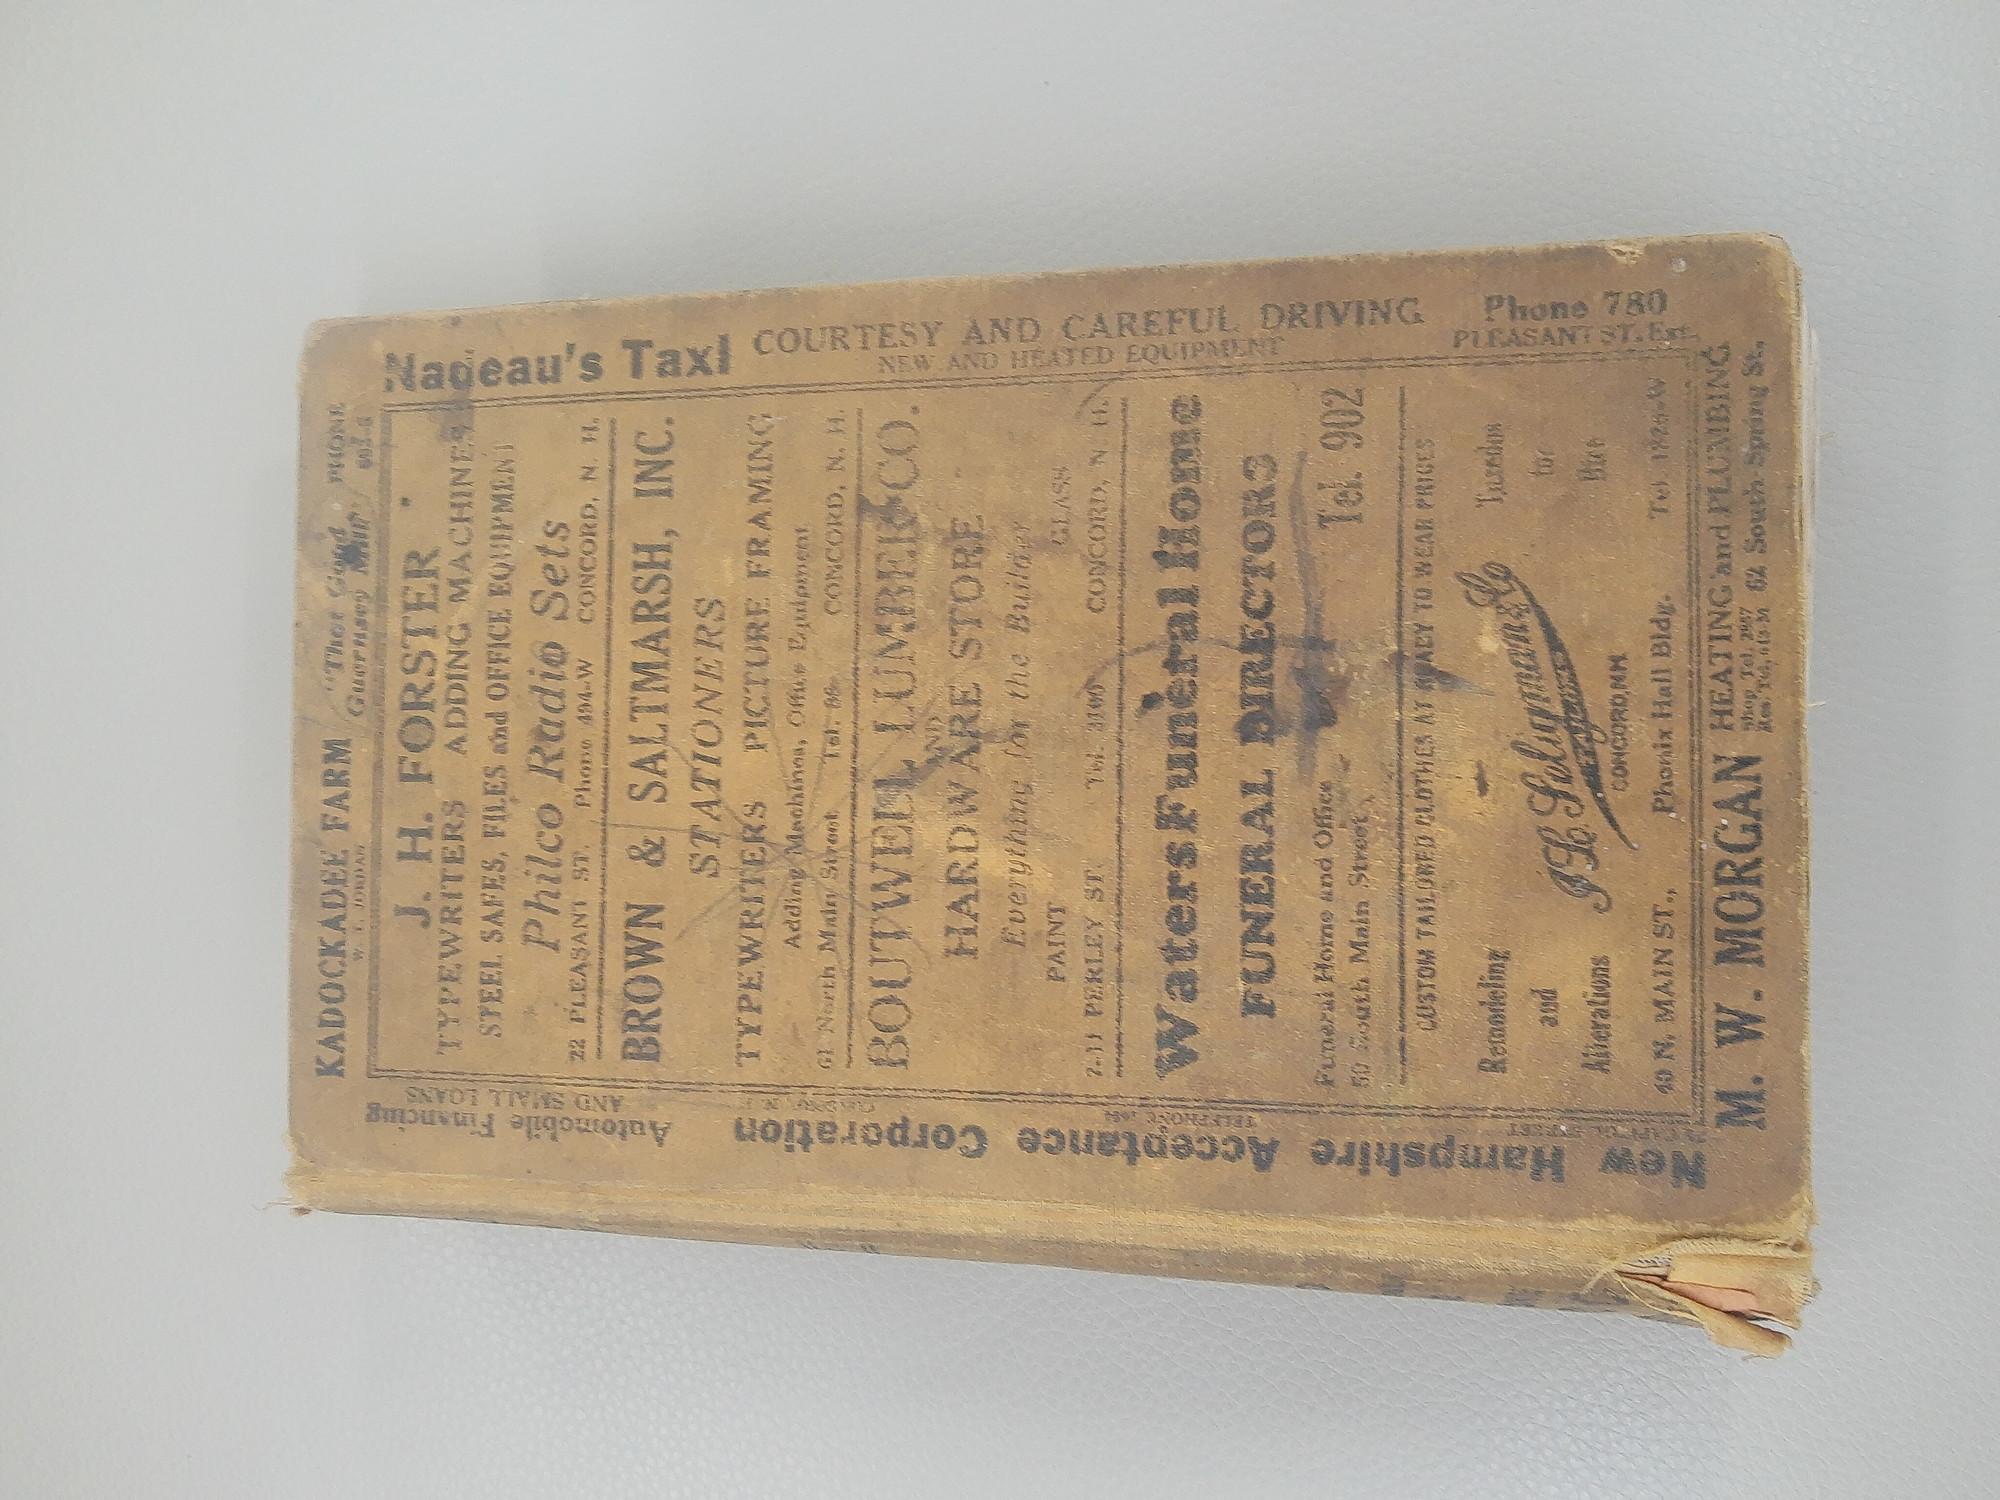 1936 Concord Directory Hopkinton too!